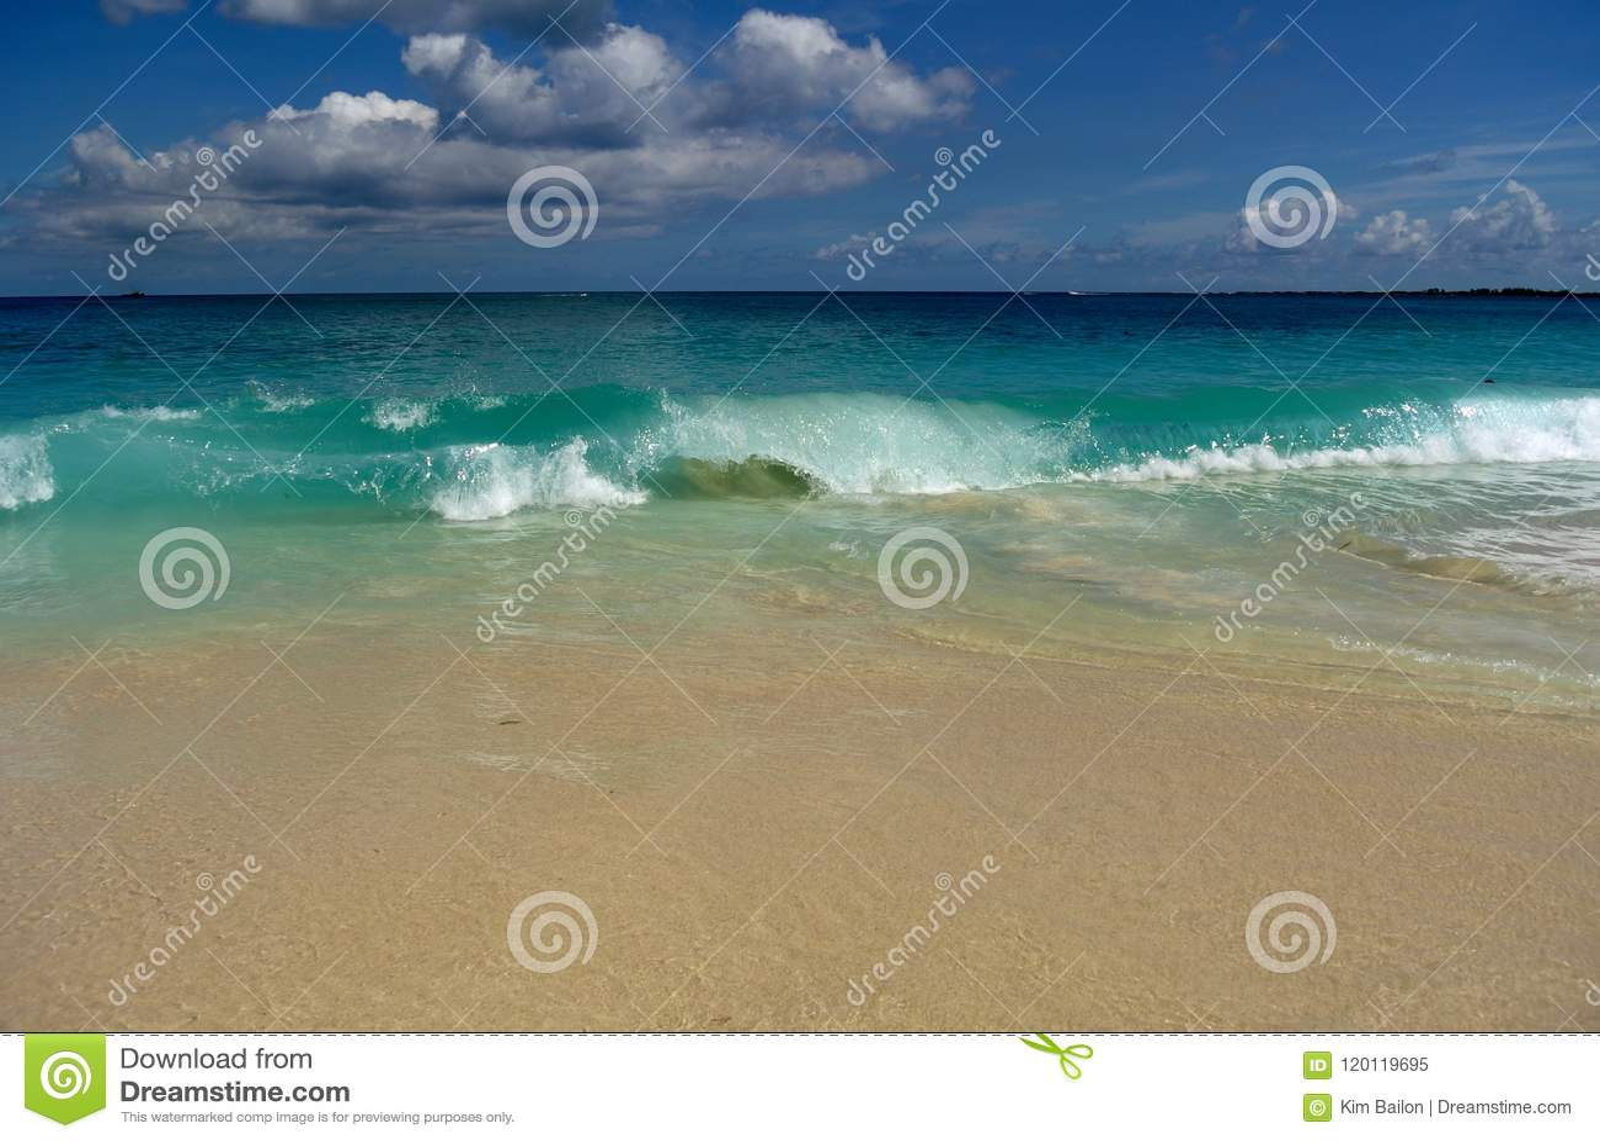 Desplome encrespado ondas de la playa de Jamaica